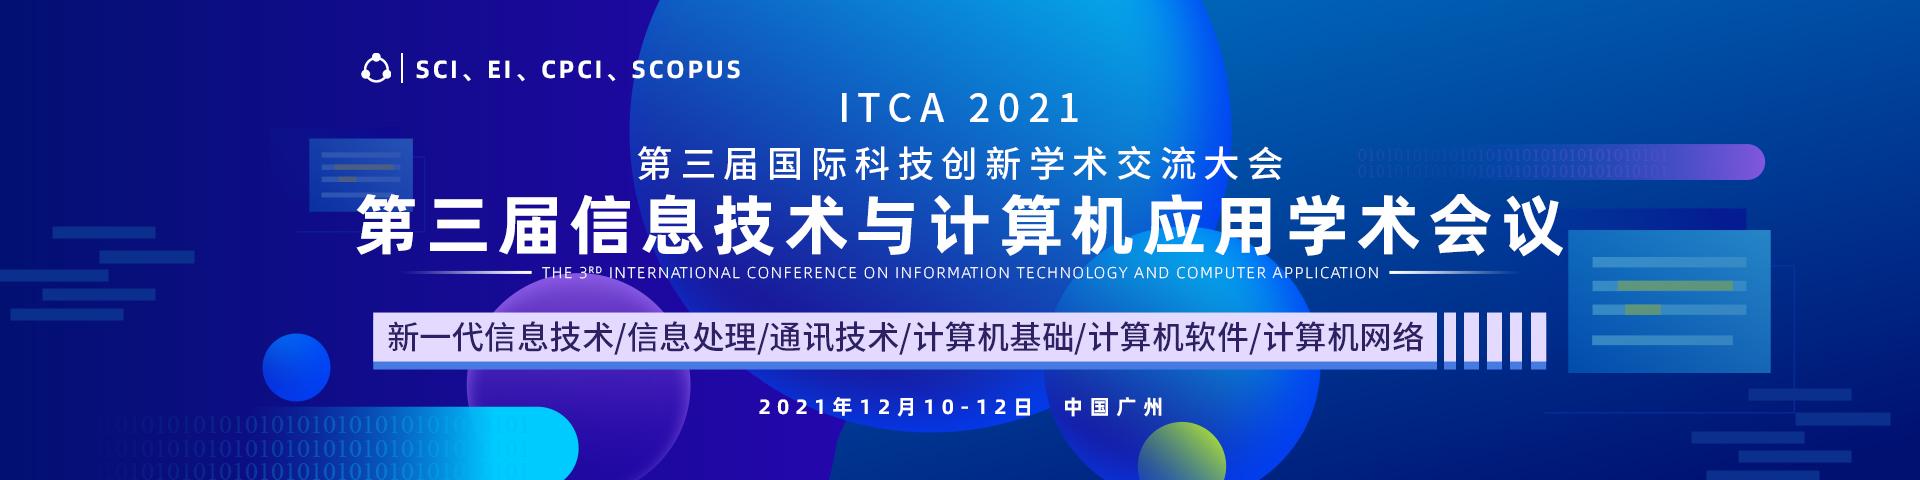 12月广州ITCA2021-banner-何霞丽-20210312.jpg